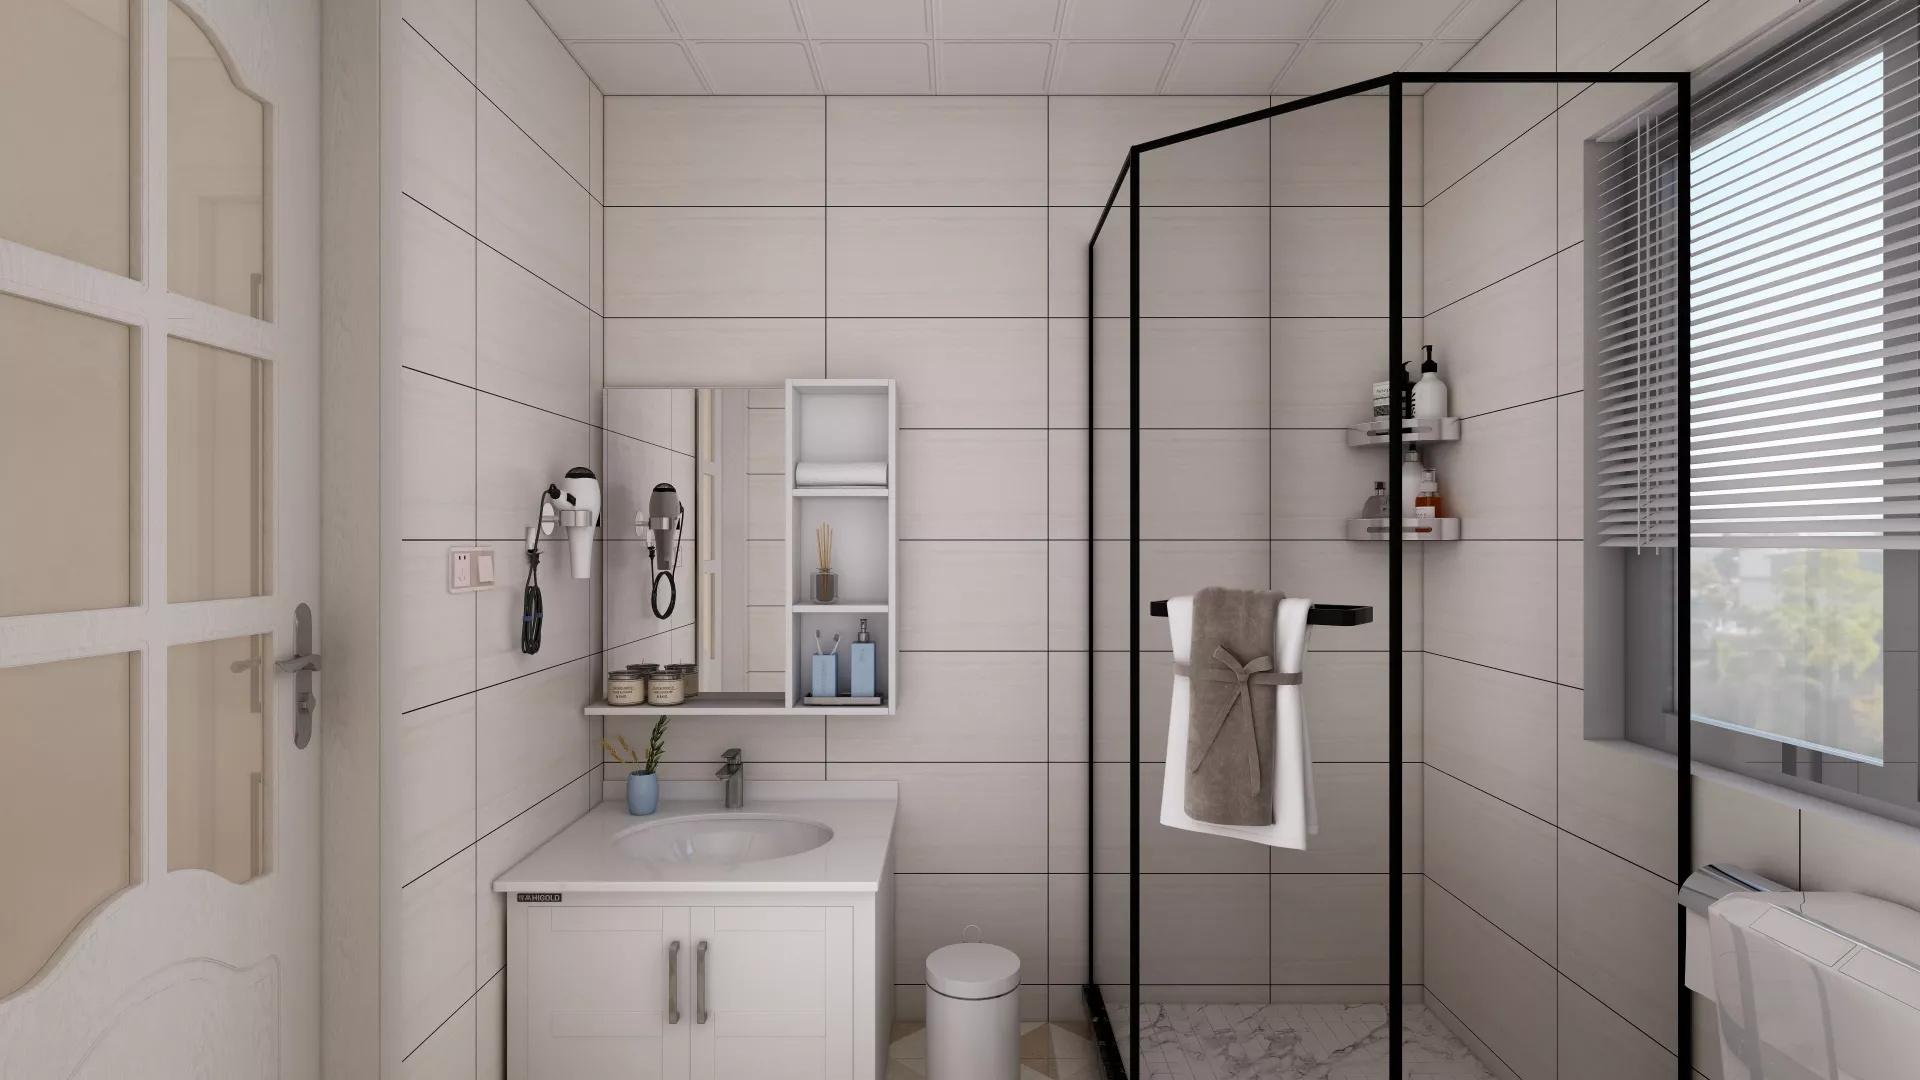 35㎡小户型现代风格公寓装修效果图